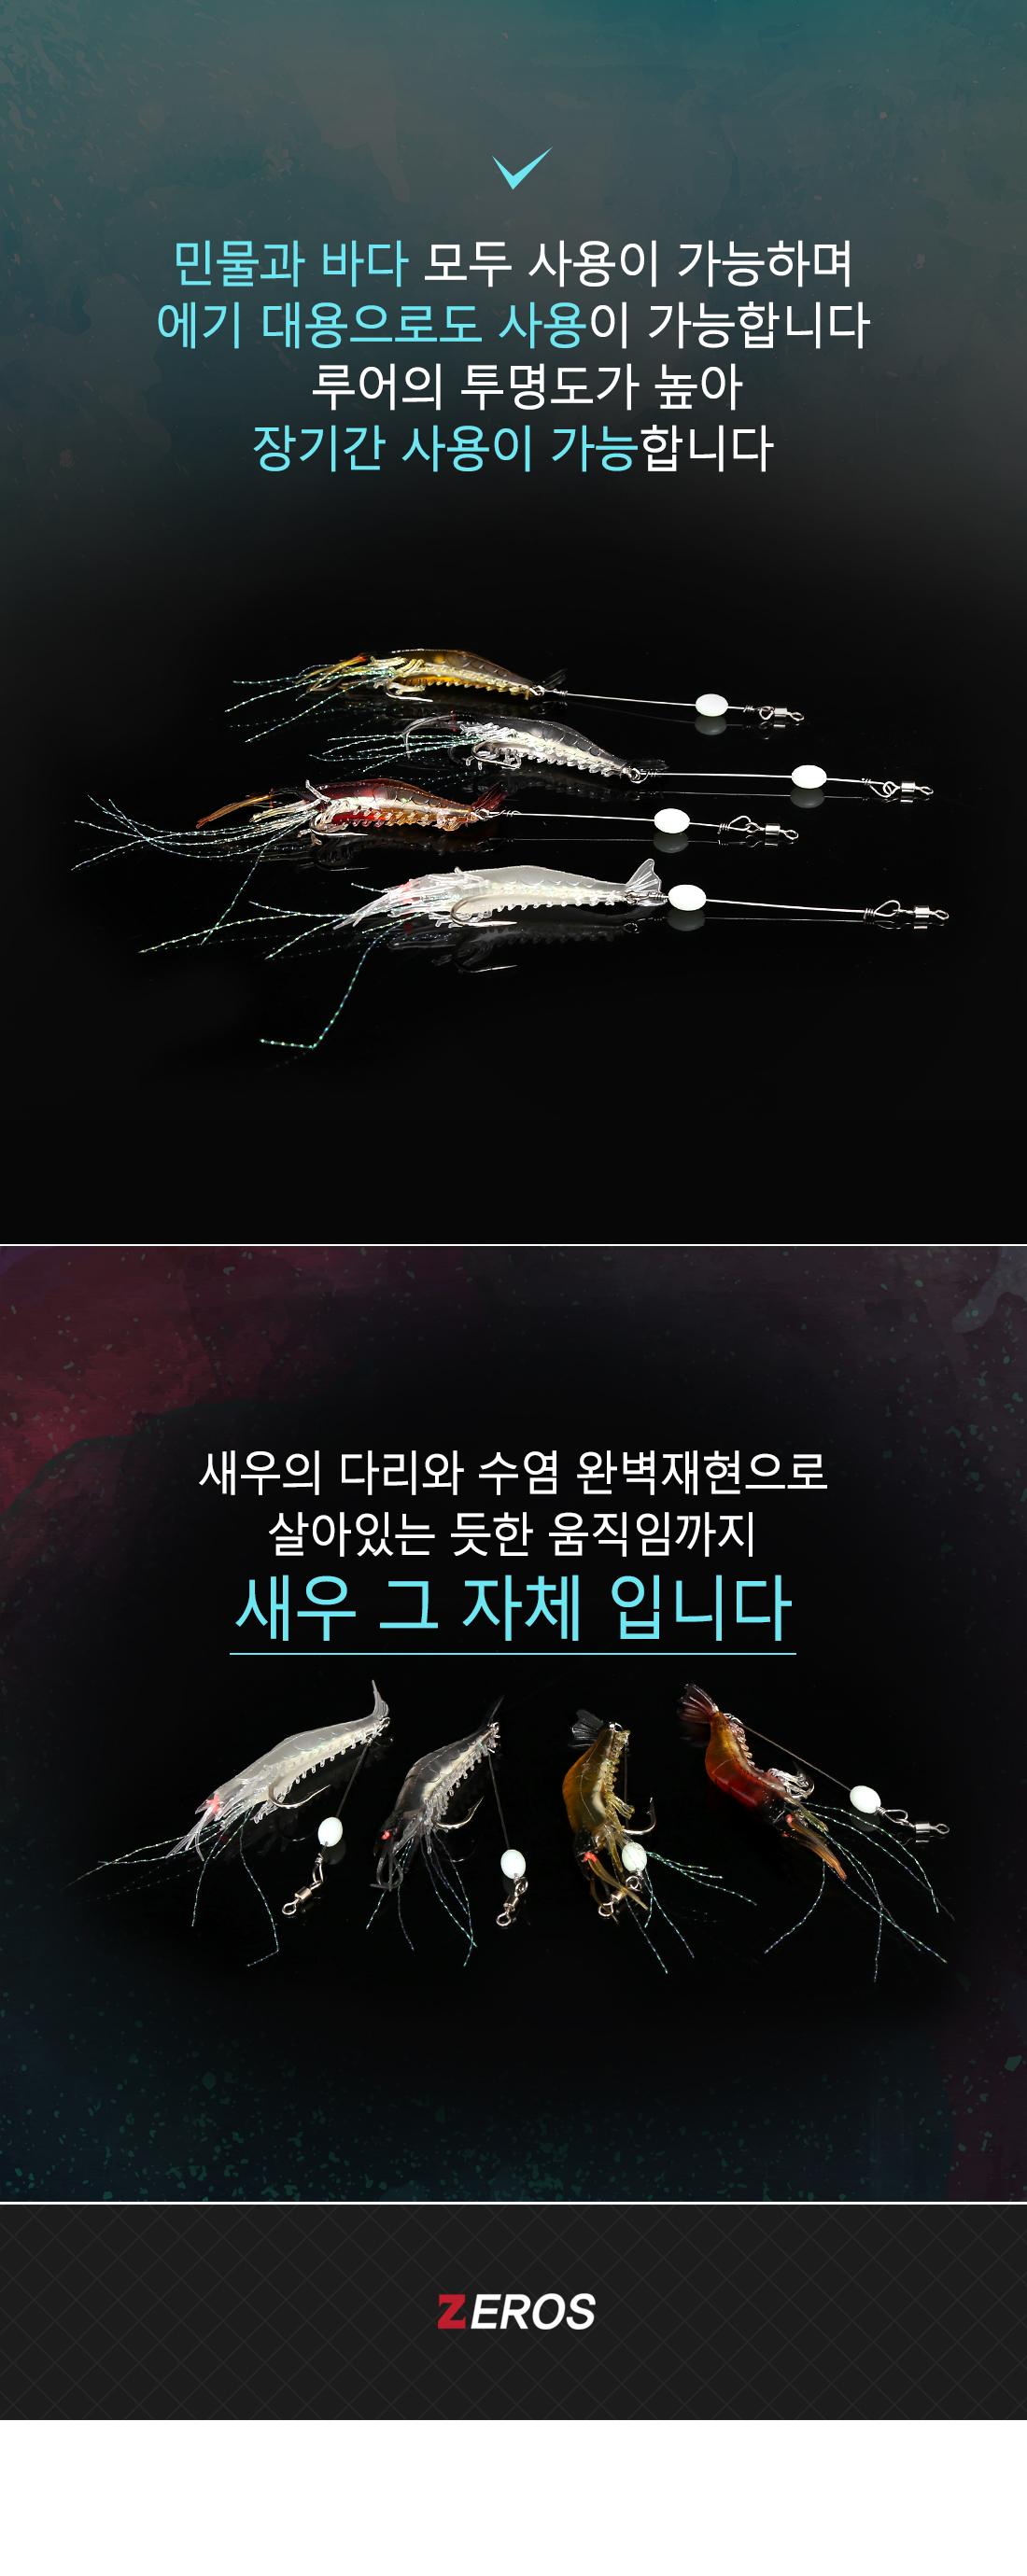 무제로스 외수질 새우루어채비 [농어/민어/우럭등 외수질루어] 농어생미끼 민어루어 민어생미끼루어 바다루어 생미끼루어 새우루어